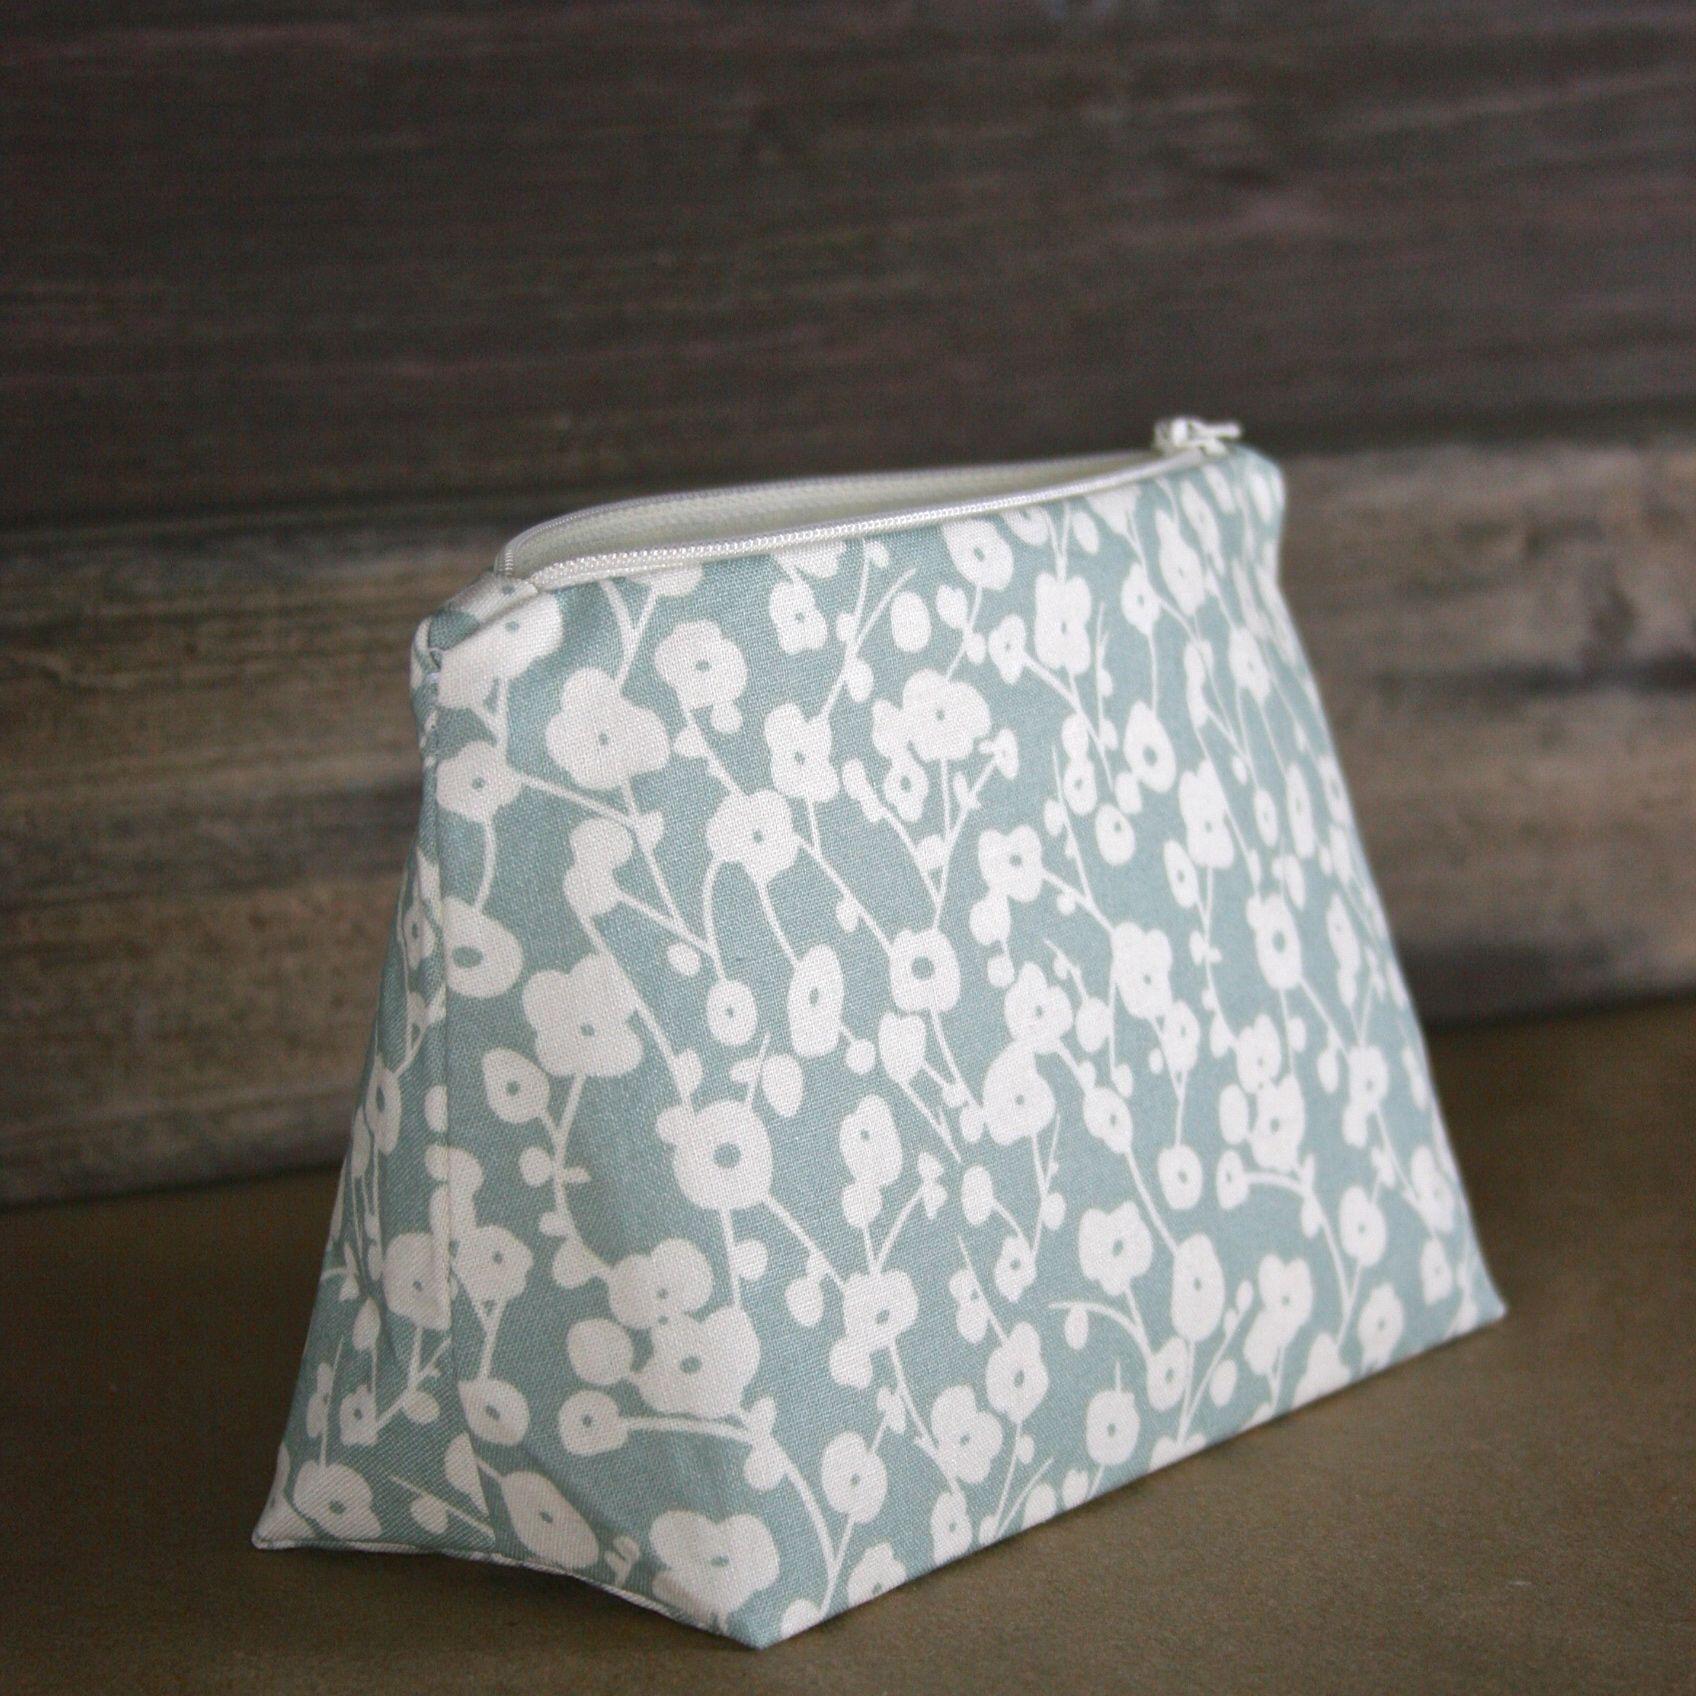 Soft Seafoam Cotton Blossom Floral Bag - Le Pique Nique by Jordani Sarreal 02.jpg